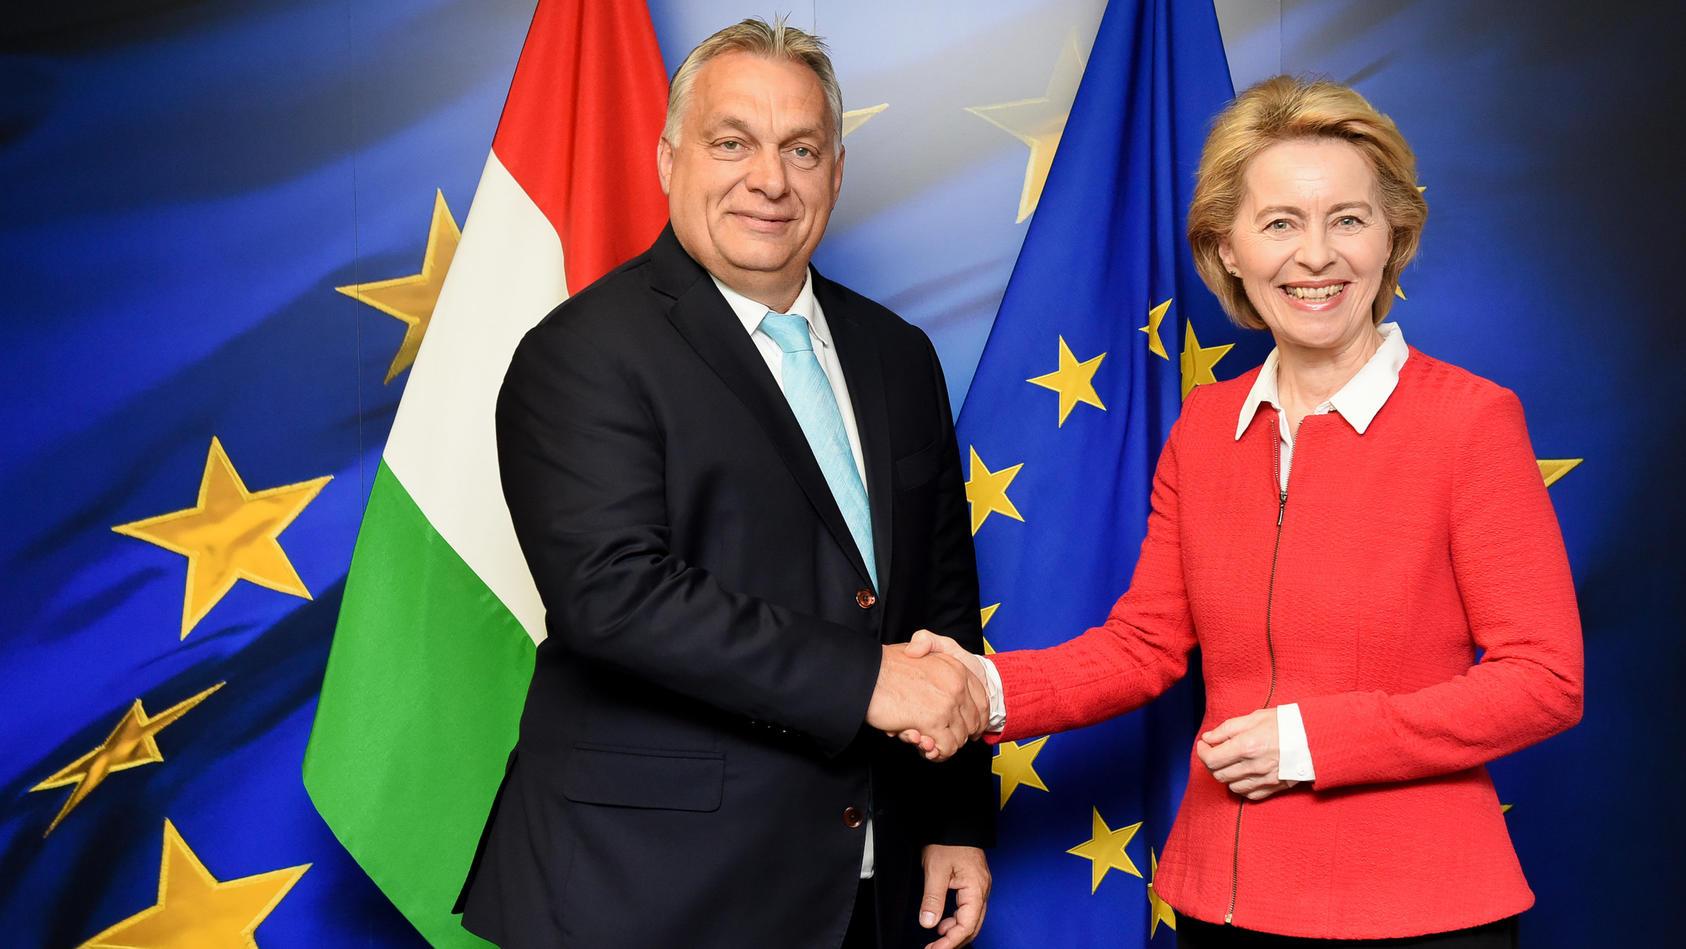 Von der Leyen begrüßt Orban bei der Europäischen Kommission